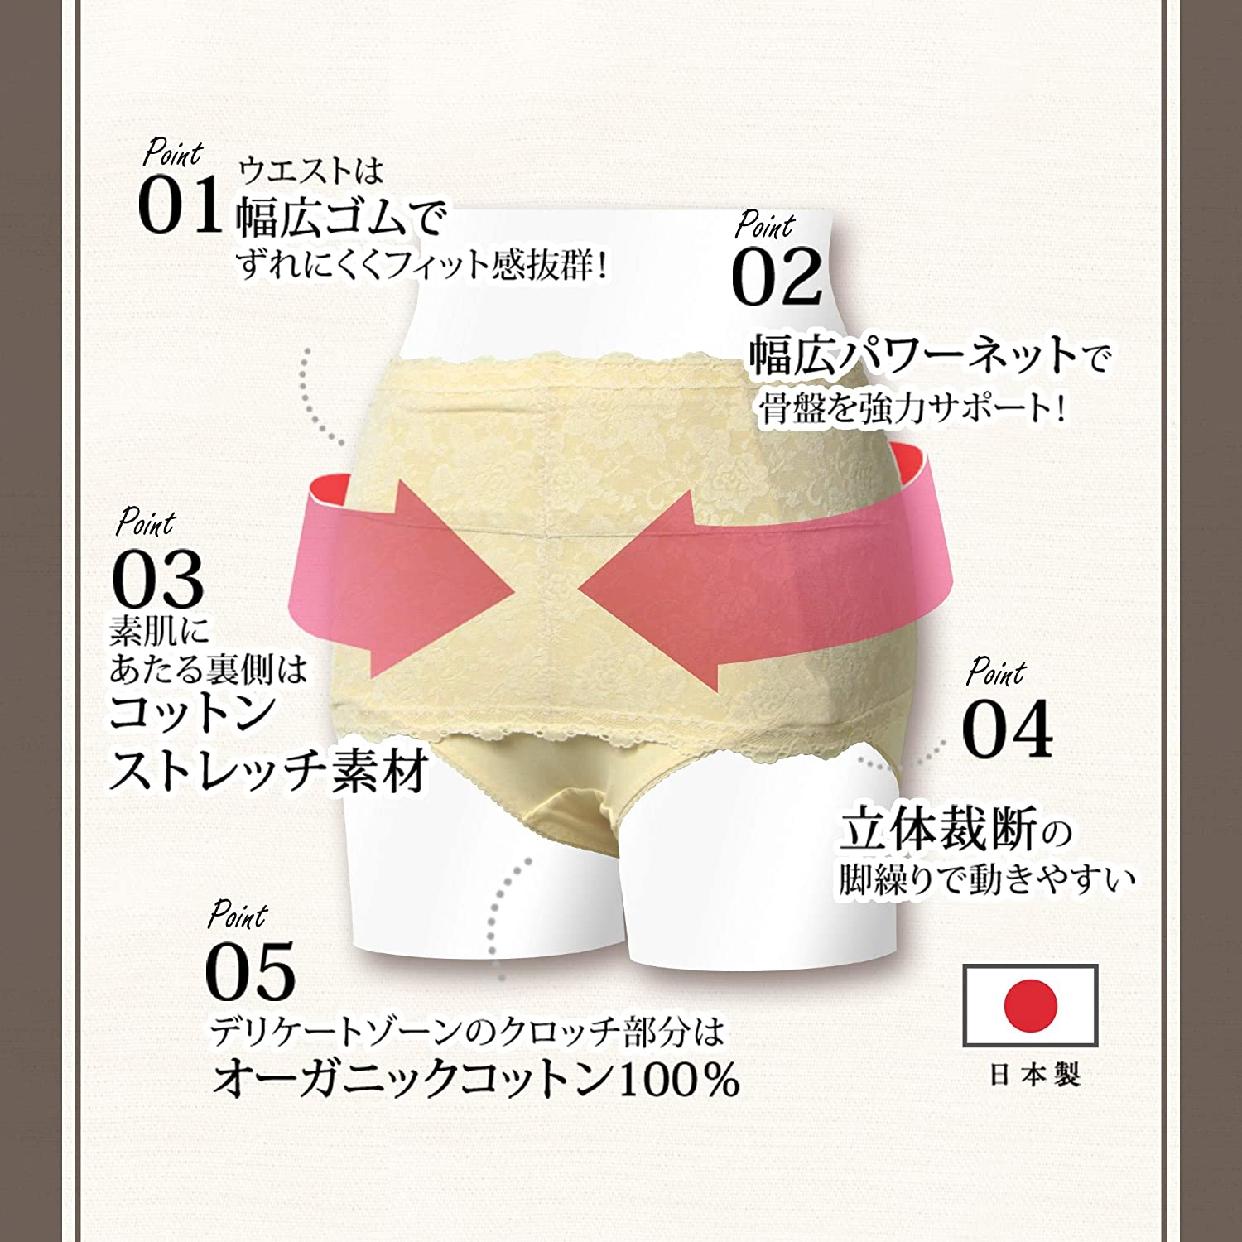 SWEET MOMMY(スウィートマミー)骨盤メイクショーツの商品画像3